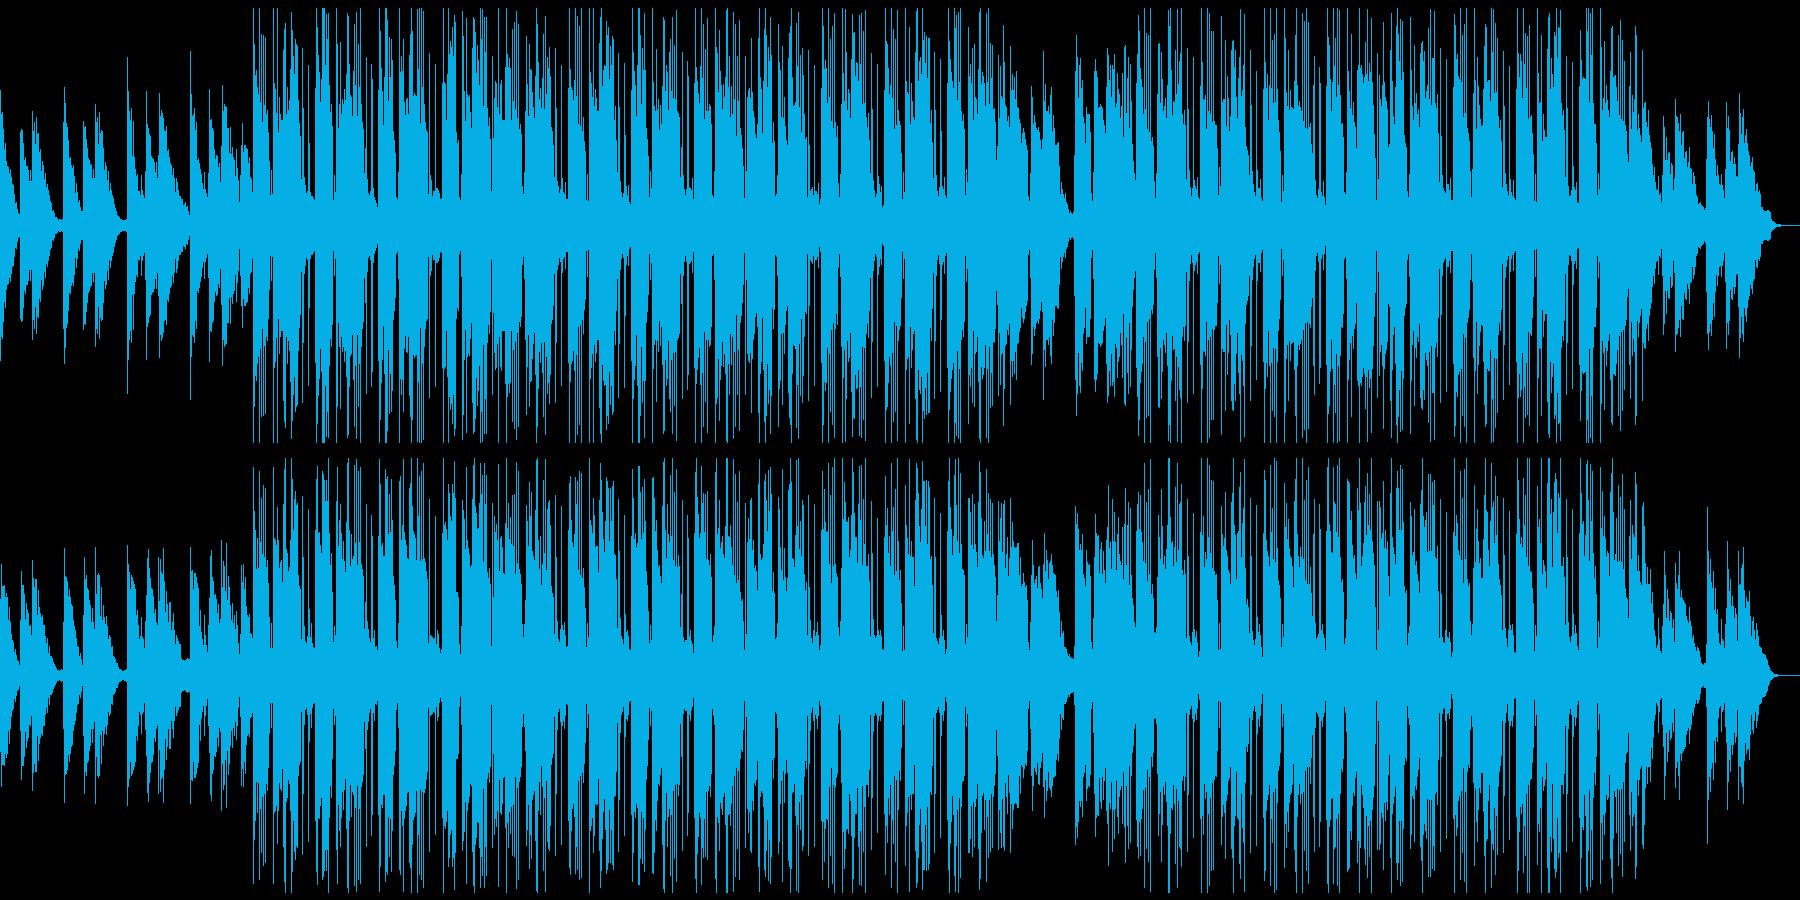 ローファイビート_チル_作業_勉強用の再生済みの波形